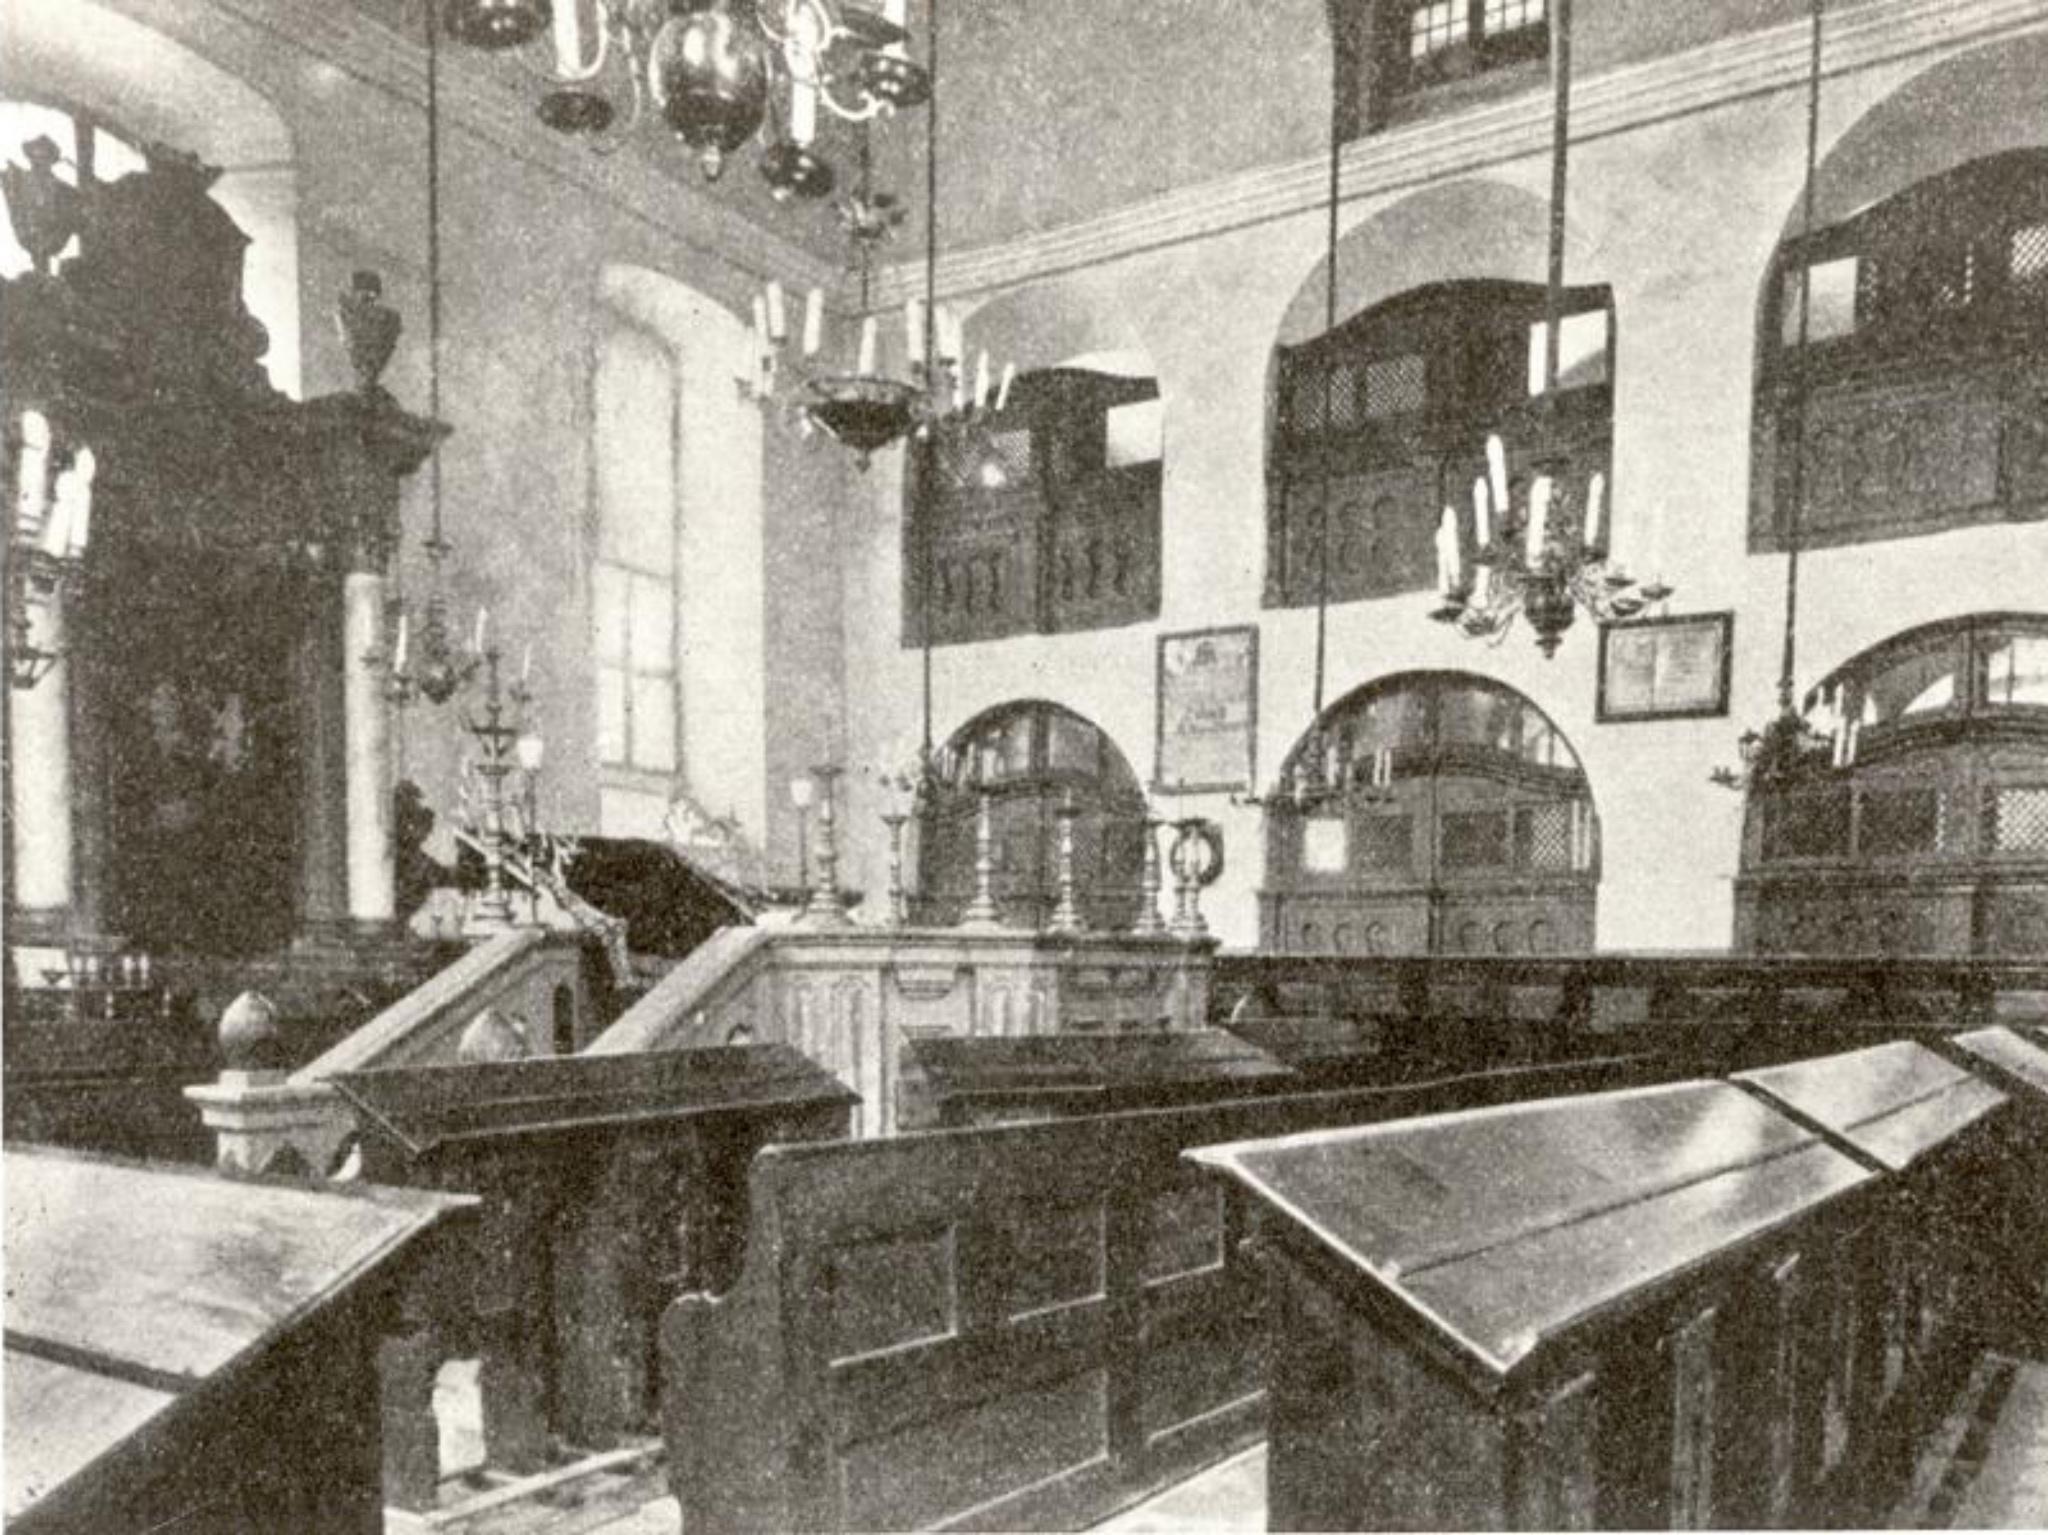 Blick in den prächtigen Innenraum. Archiv: Willi Dürrnagel